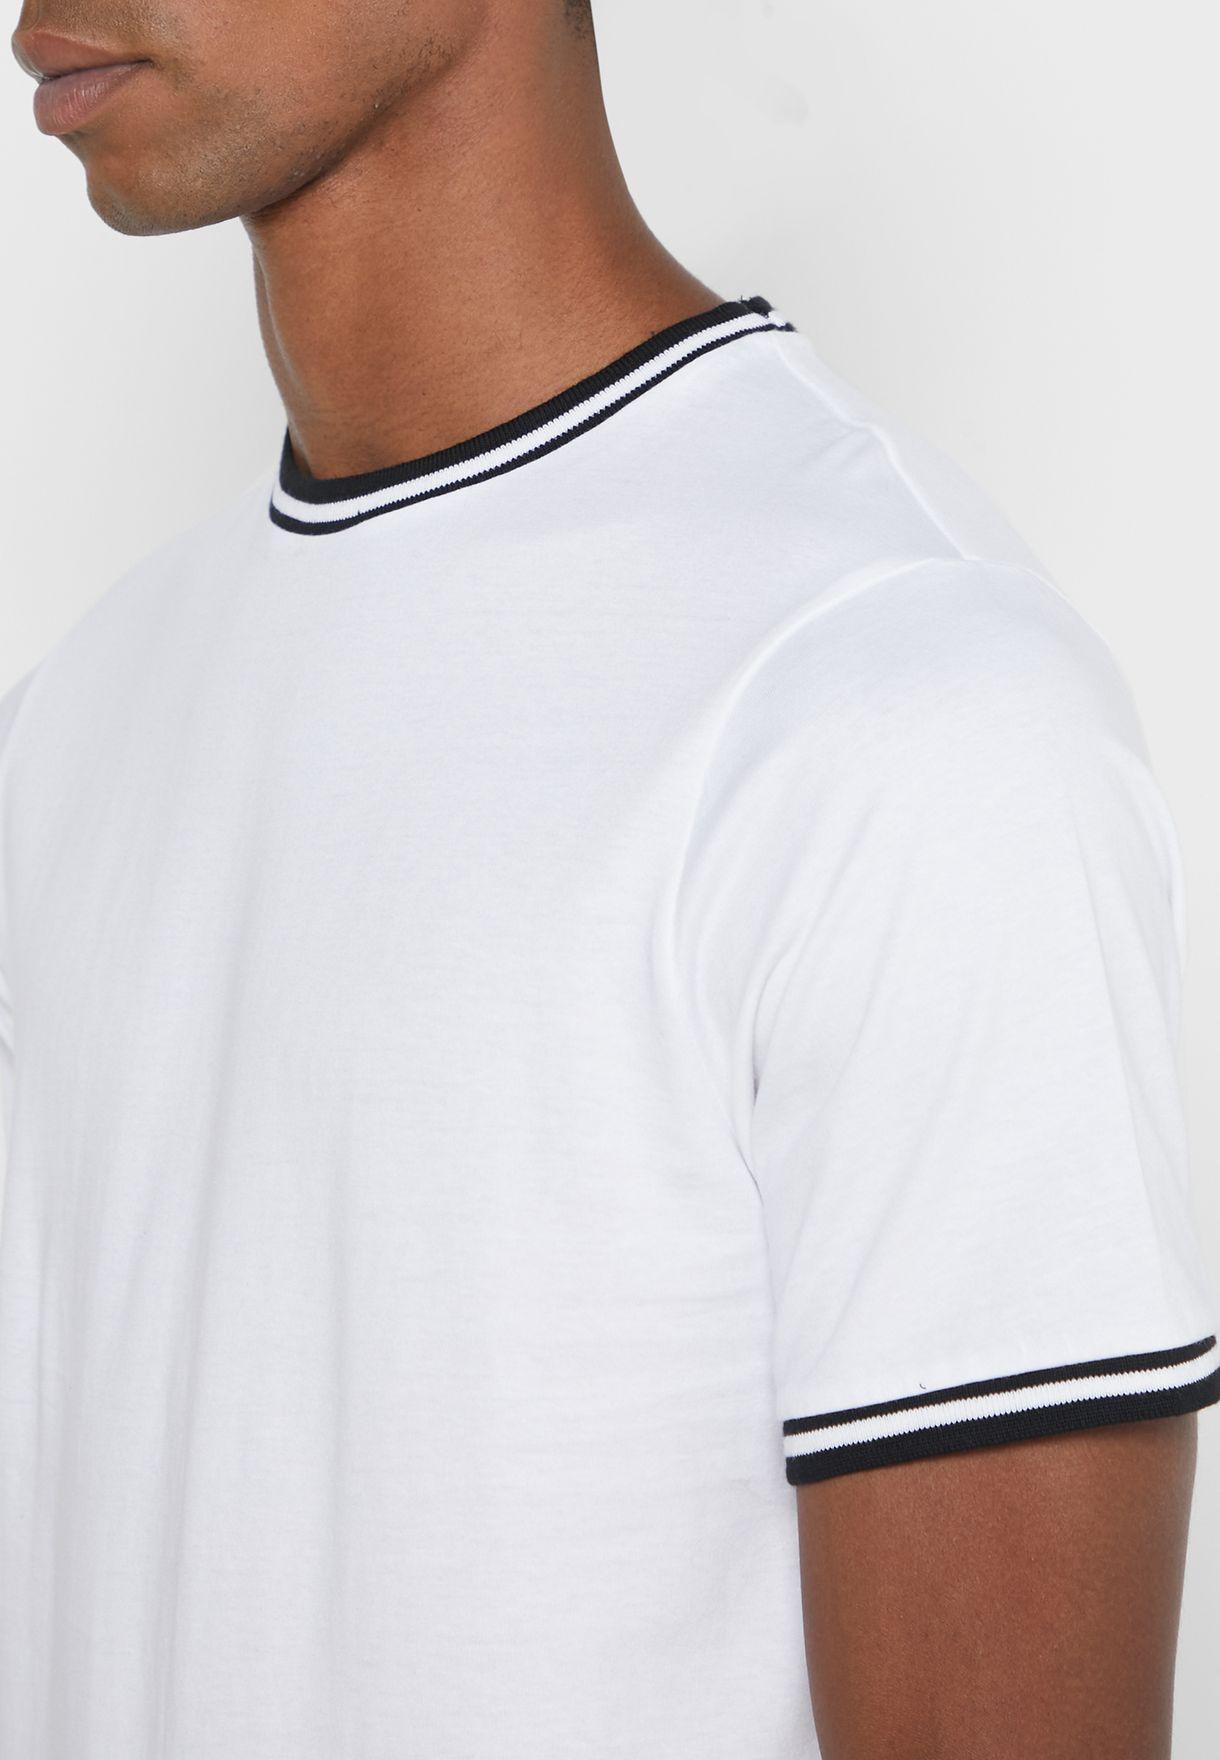 Contrast Rib T Shirt